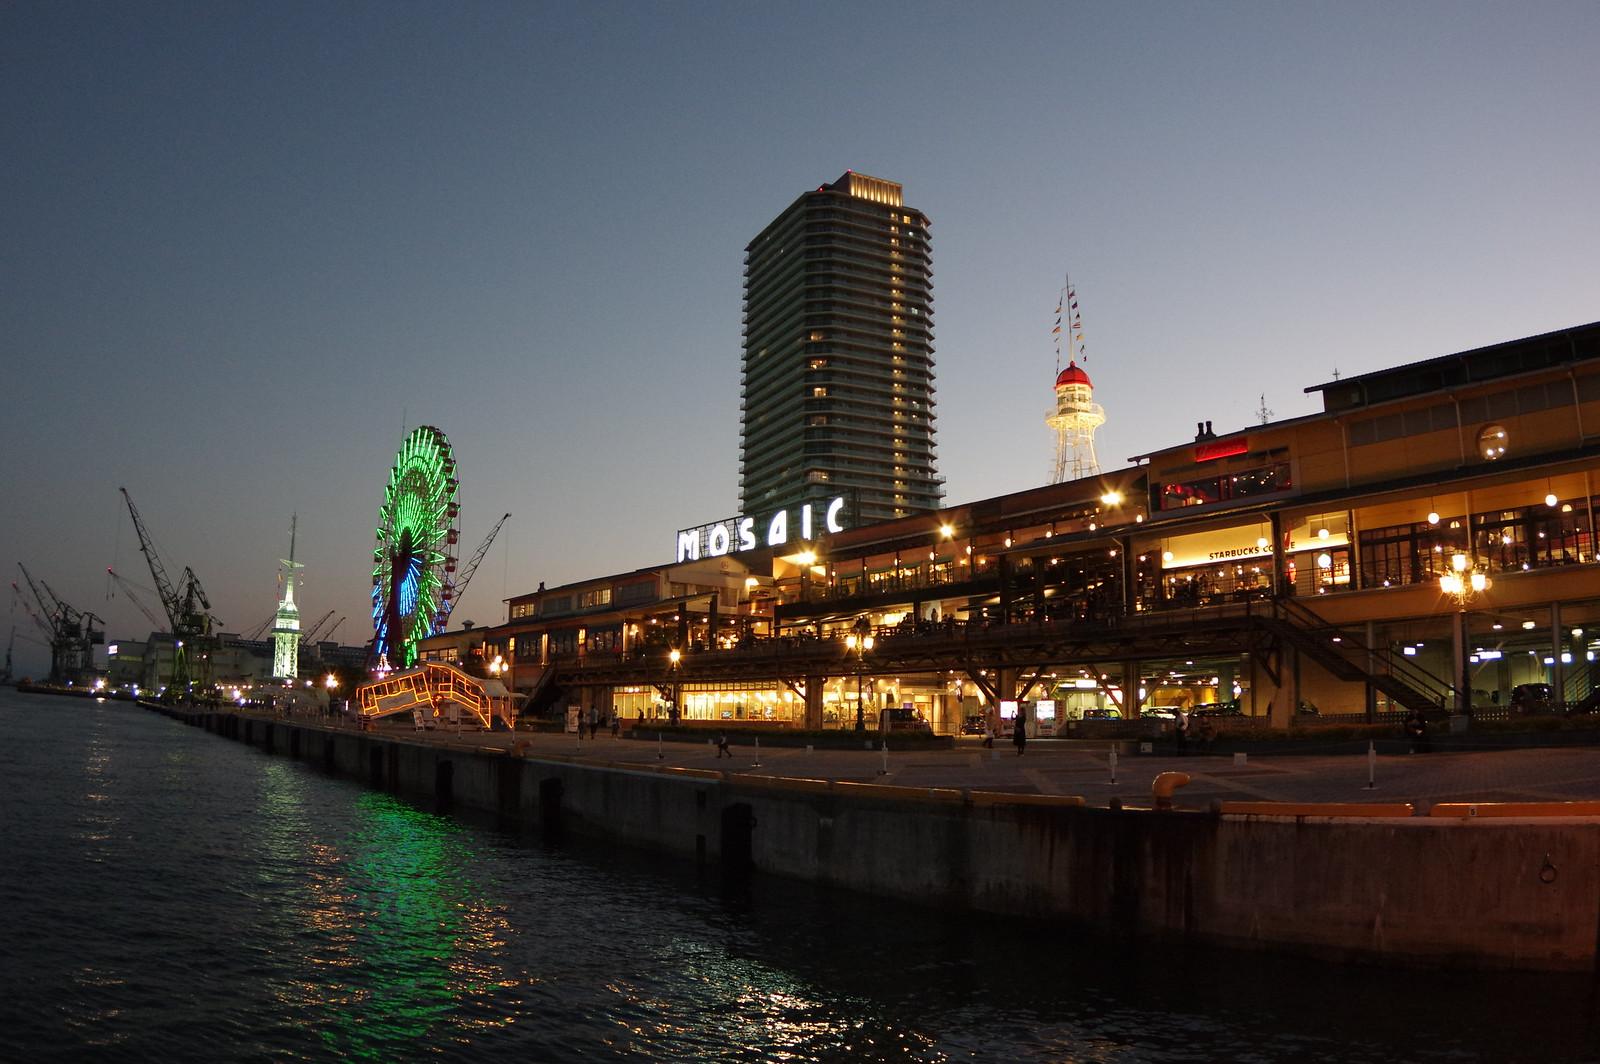 神戸ハーバーランド MOSAIC